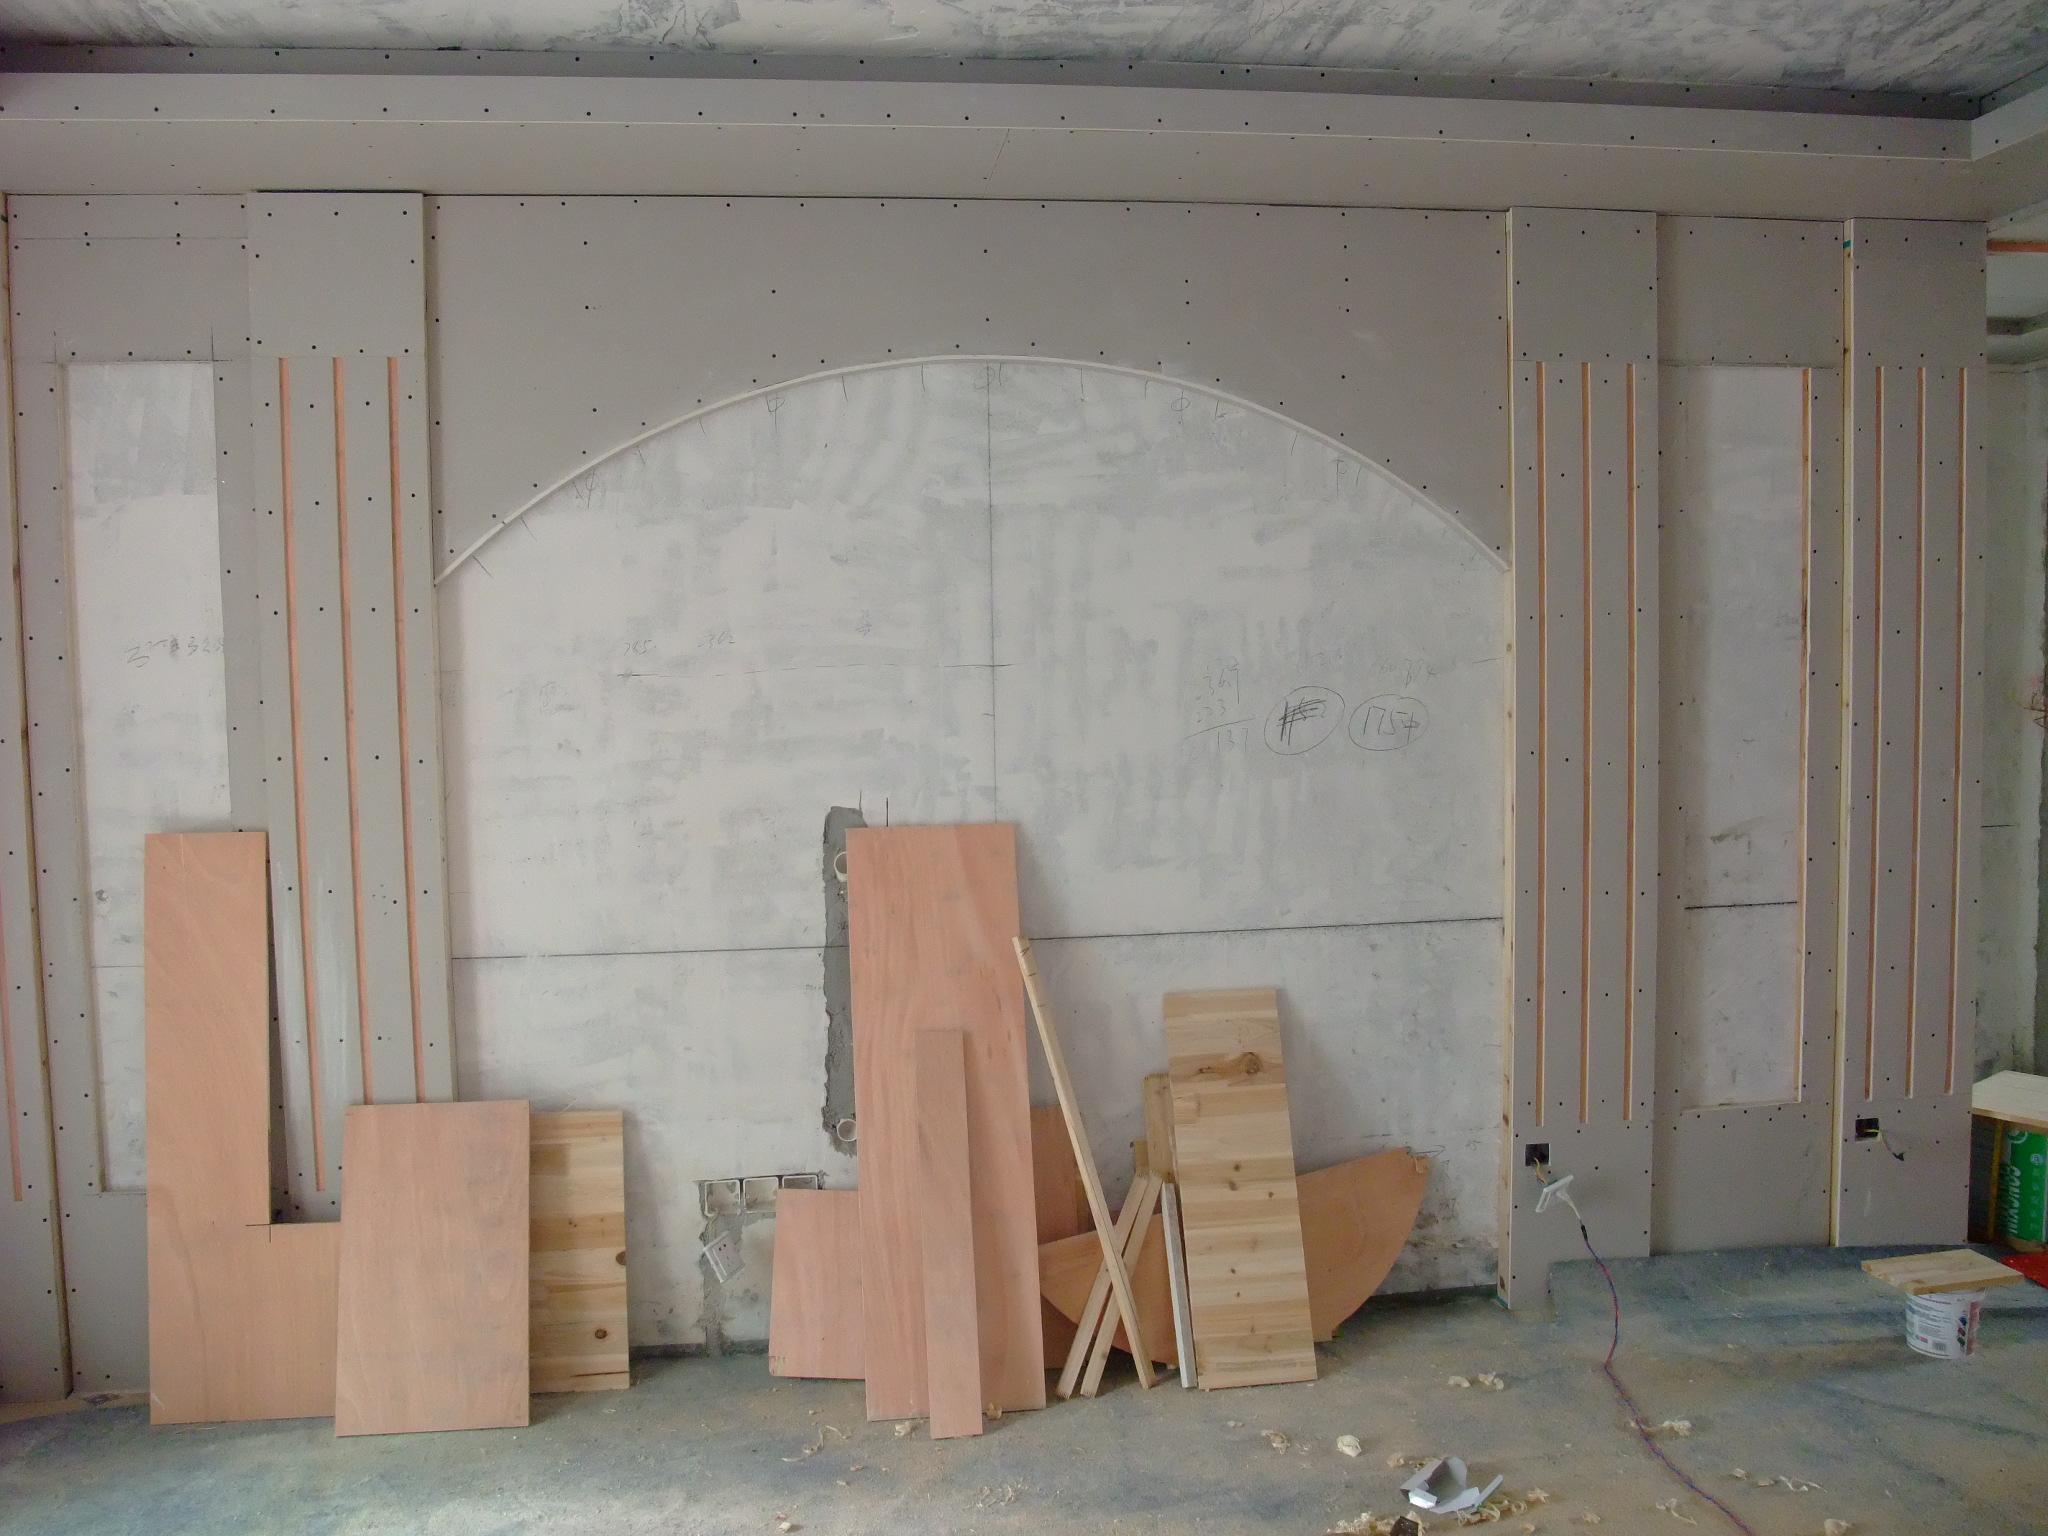 2015年木工电视墙_现代电视墙木工造型_木工中式电视 ...